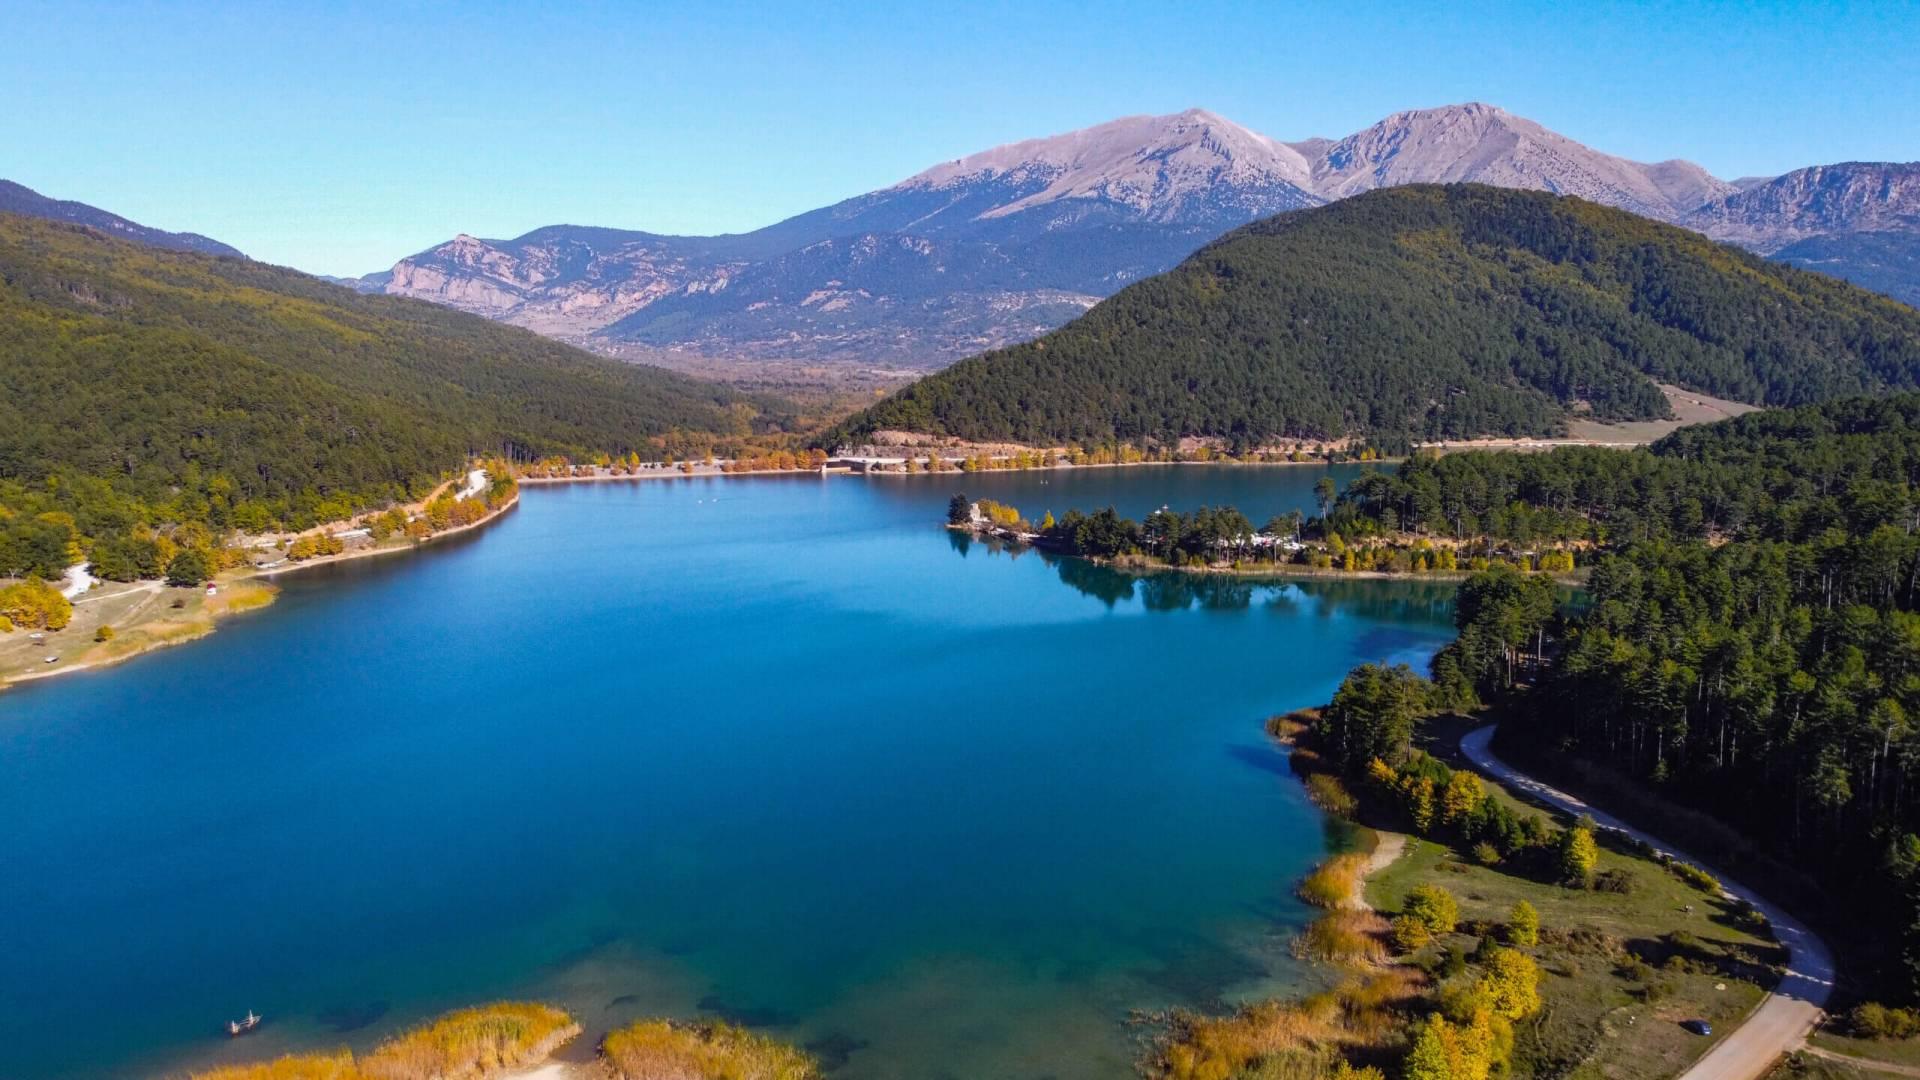 Ορεινή Κορινθία - Πεζοπορία στη λίμνη Δόξα στις 22/11   Unlimited Adrenaline